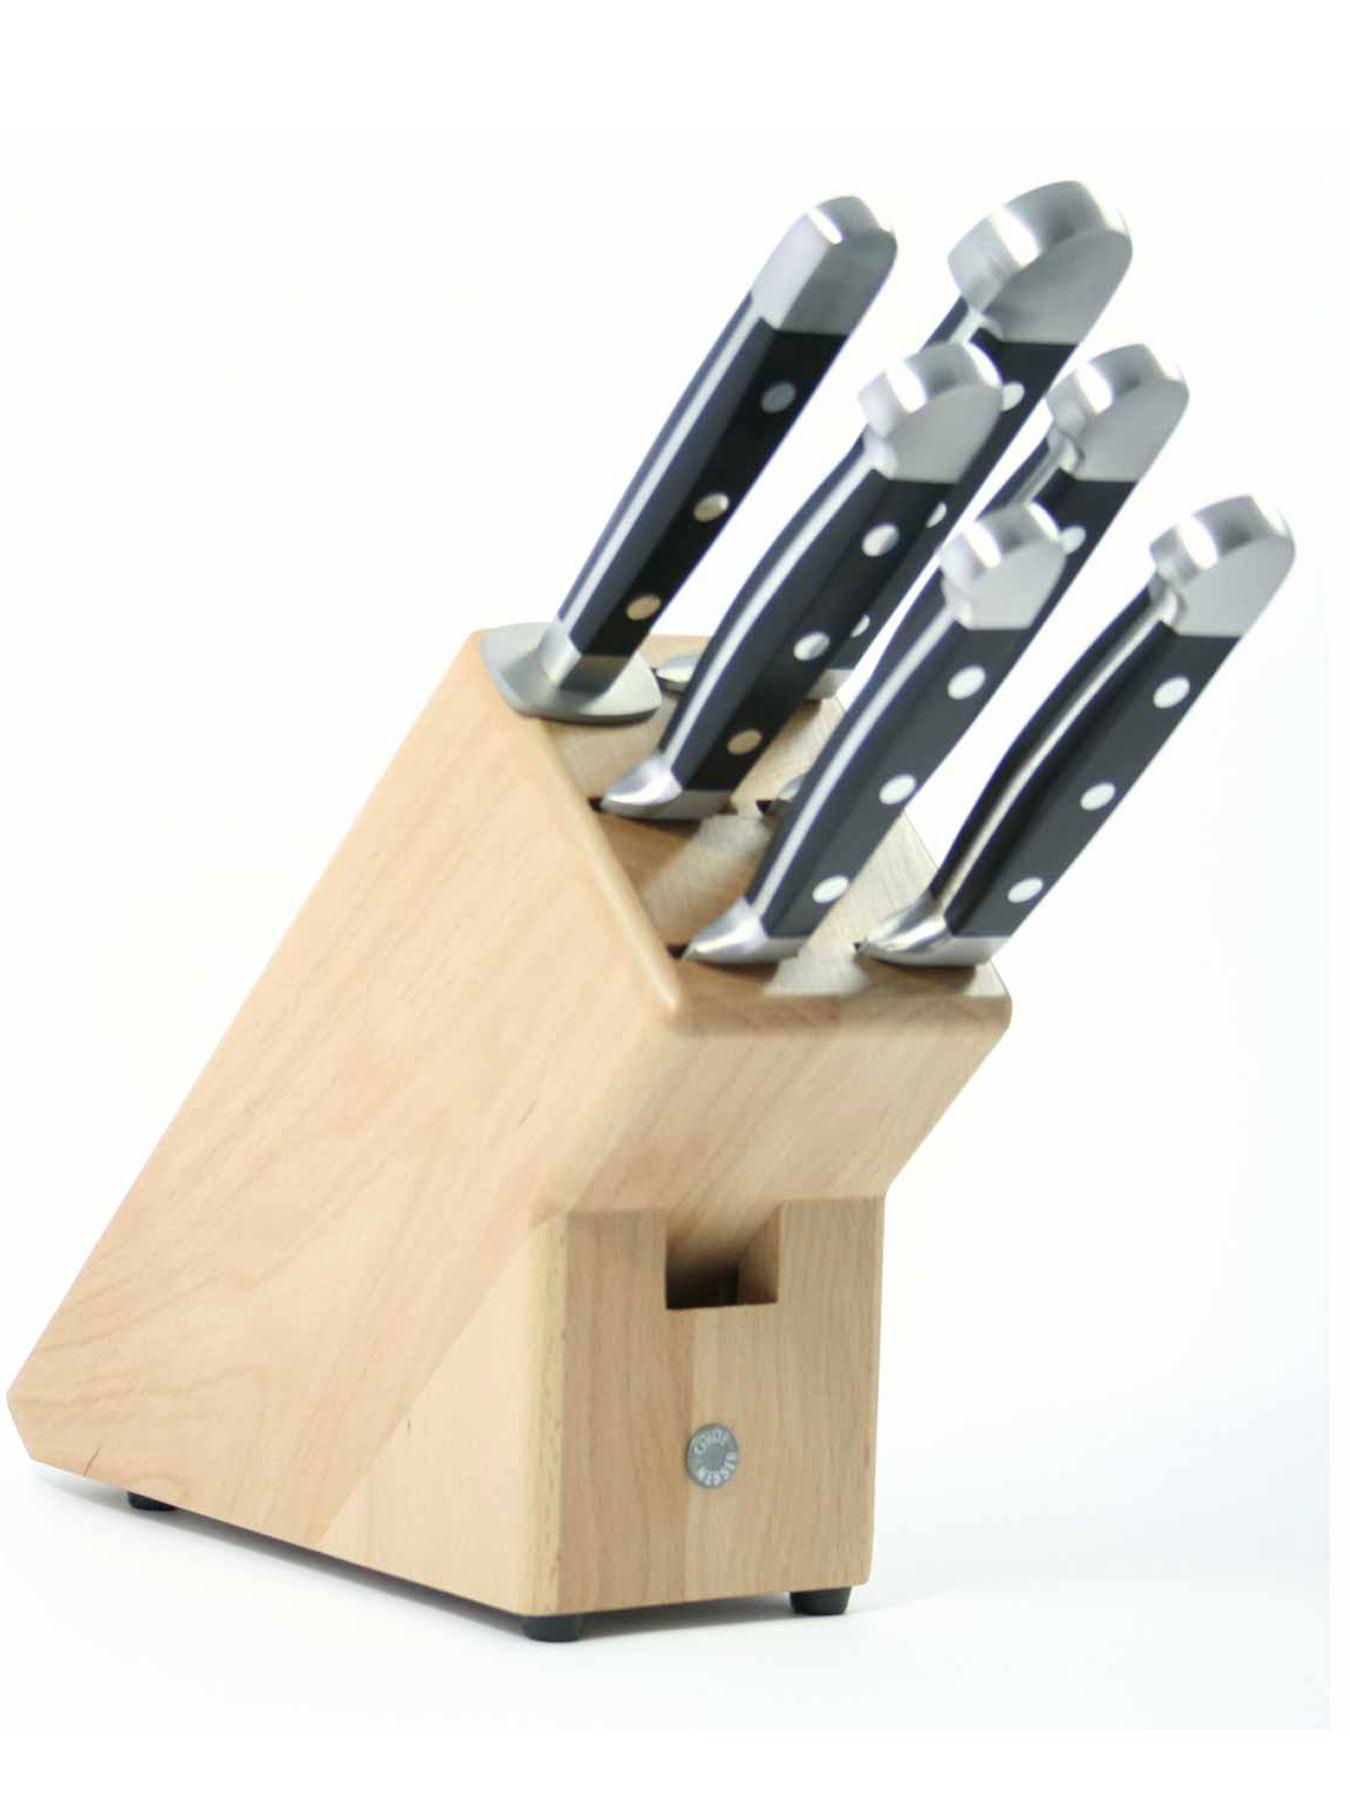 Güde Messerblock 6-1000LN für 6 Messer Natur - LEER